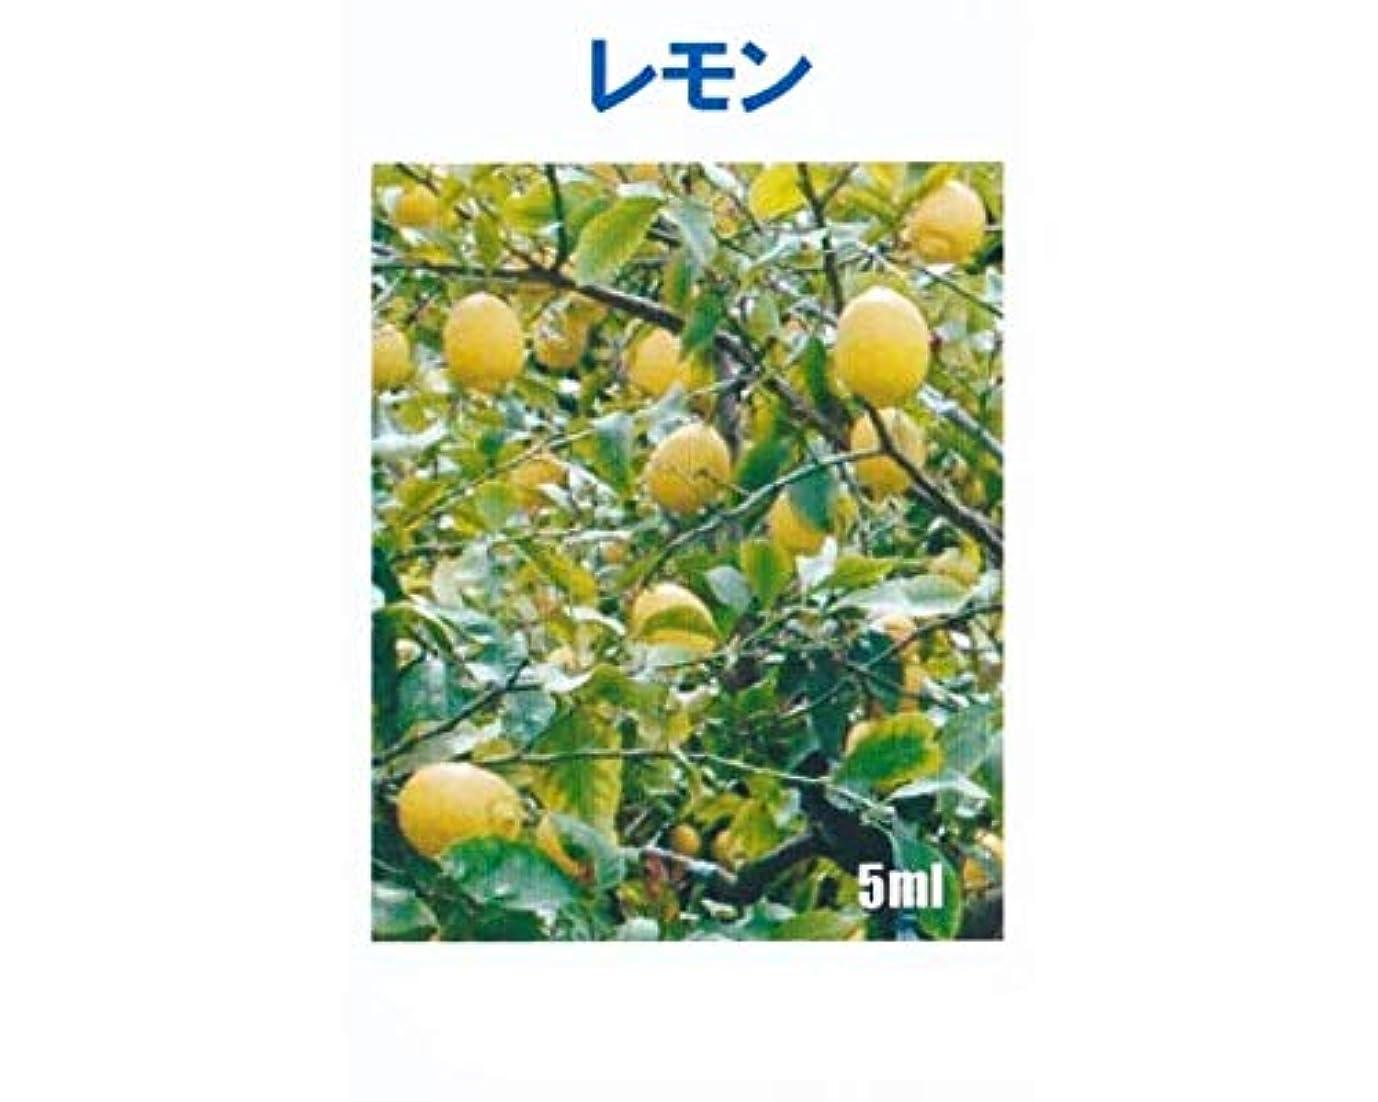 スカルク減衰アウトドアアロマオイル レモン 5ml エッセンシャルオイル 100%天然成分